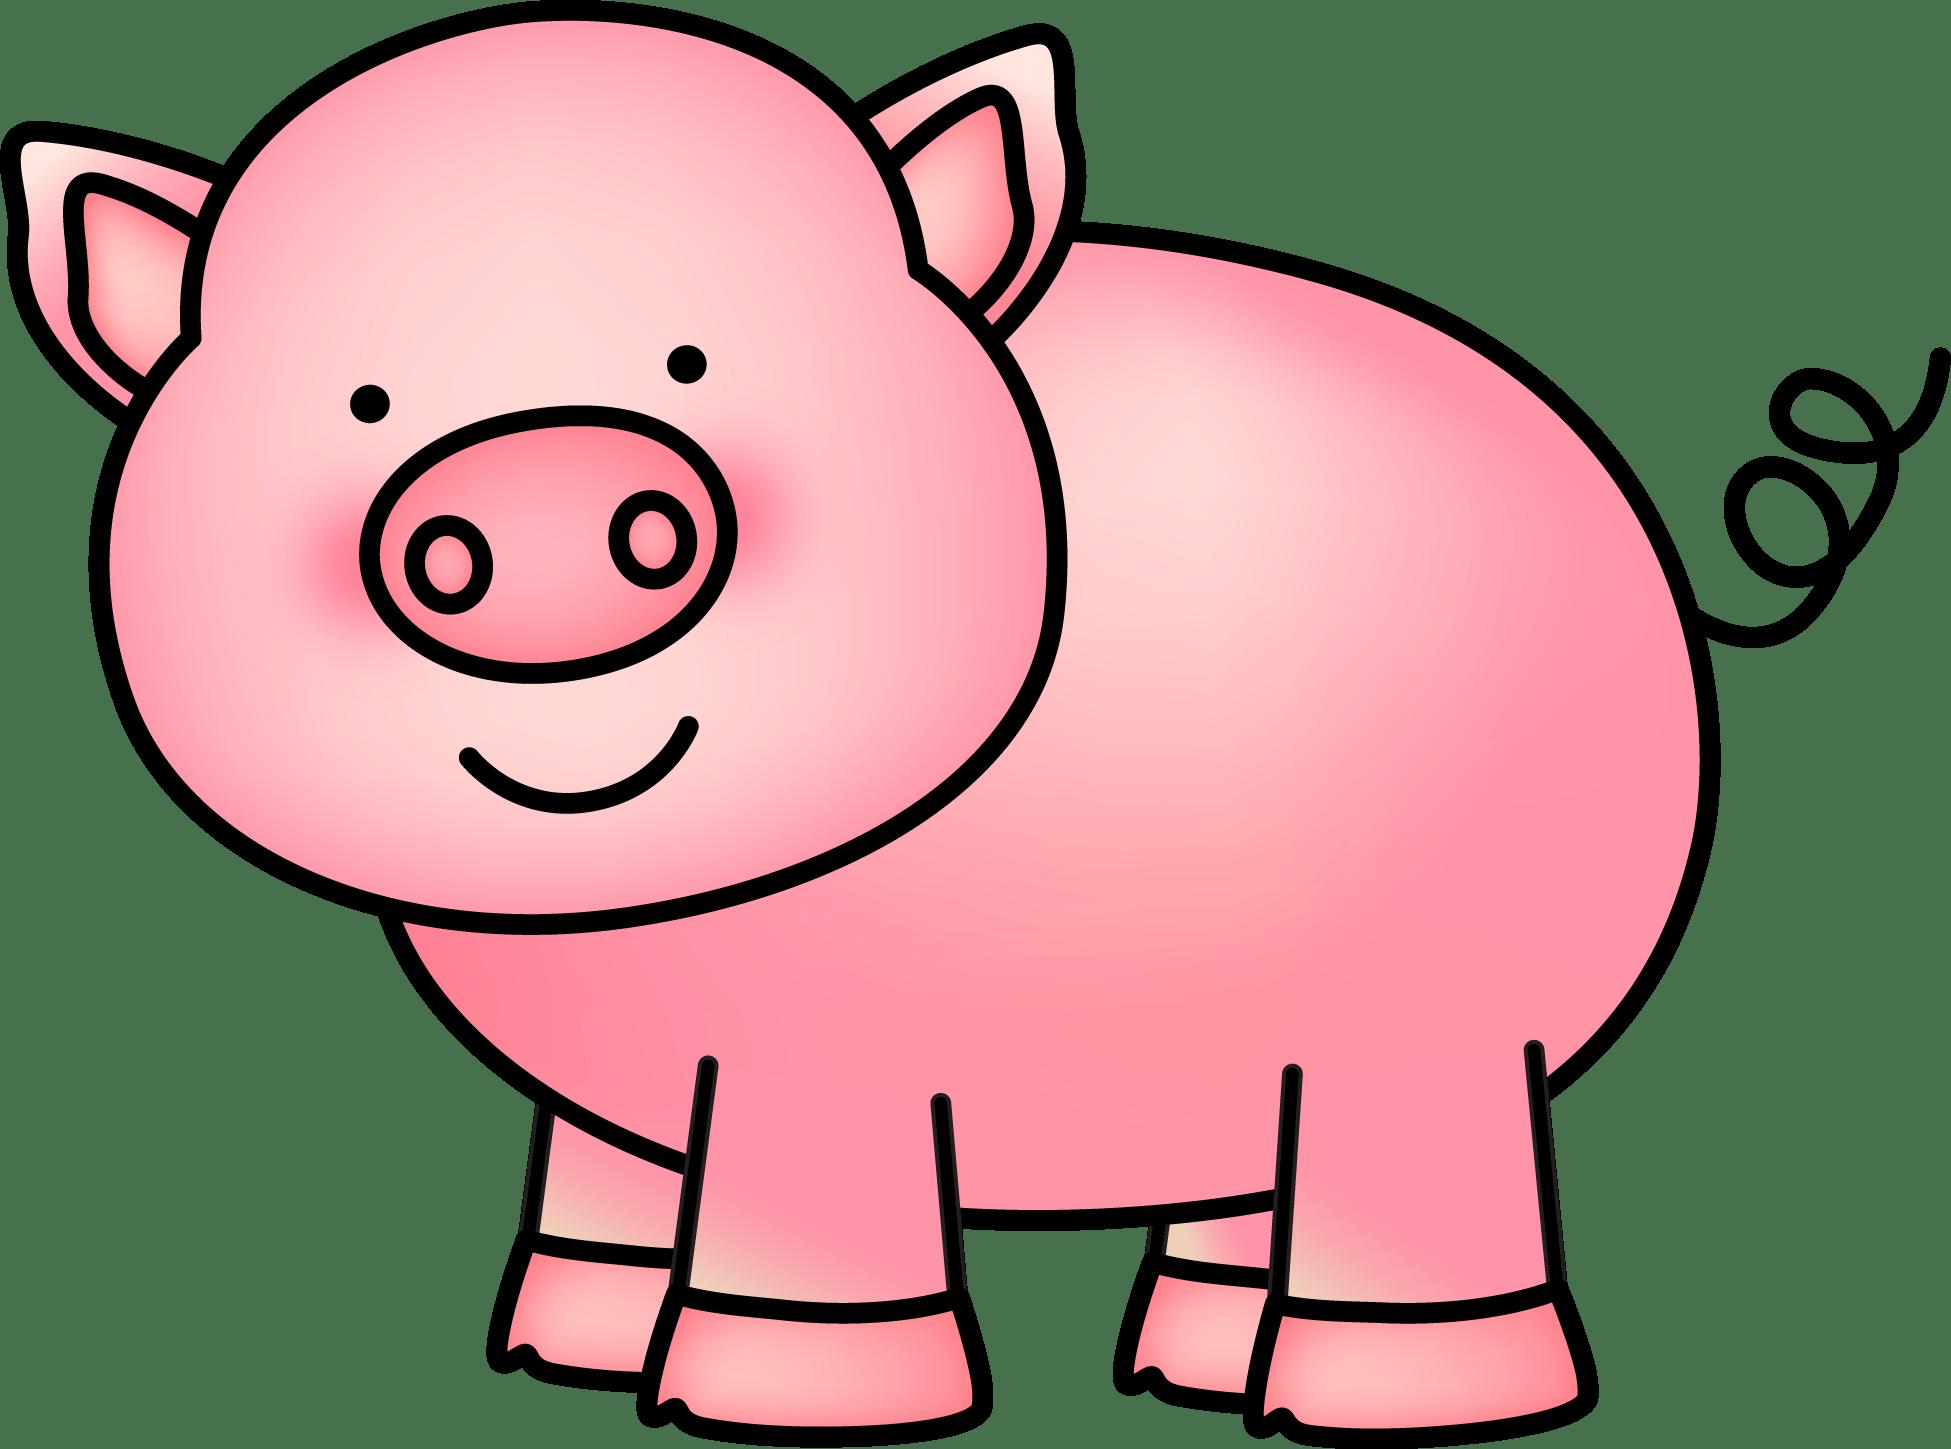 Hog kindergarten nation. Clipart pig rectangle